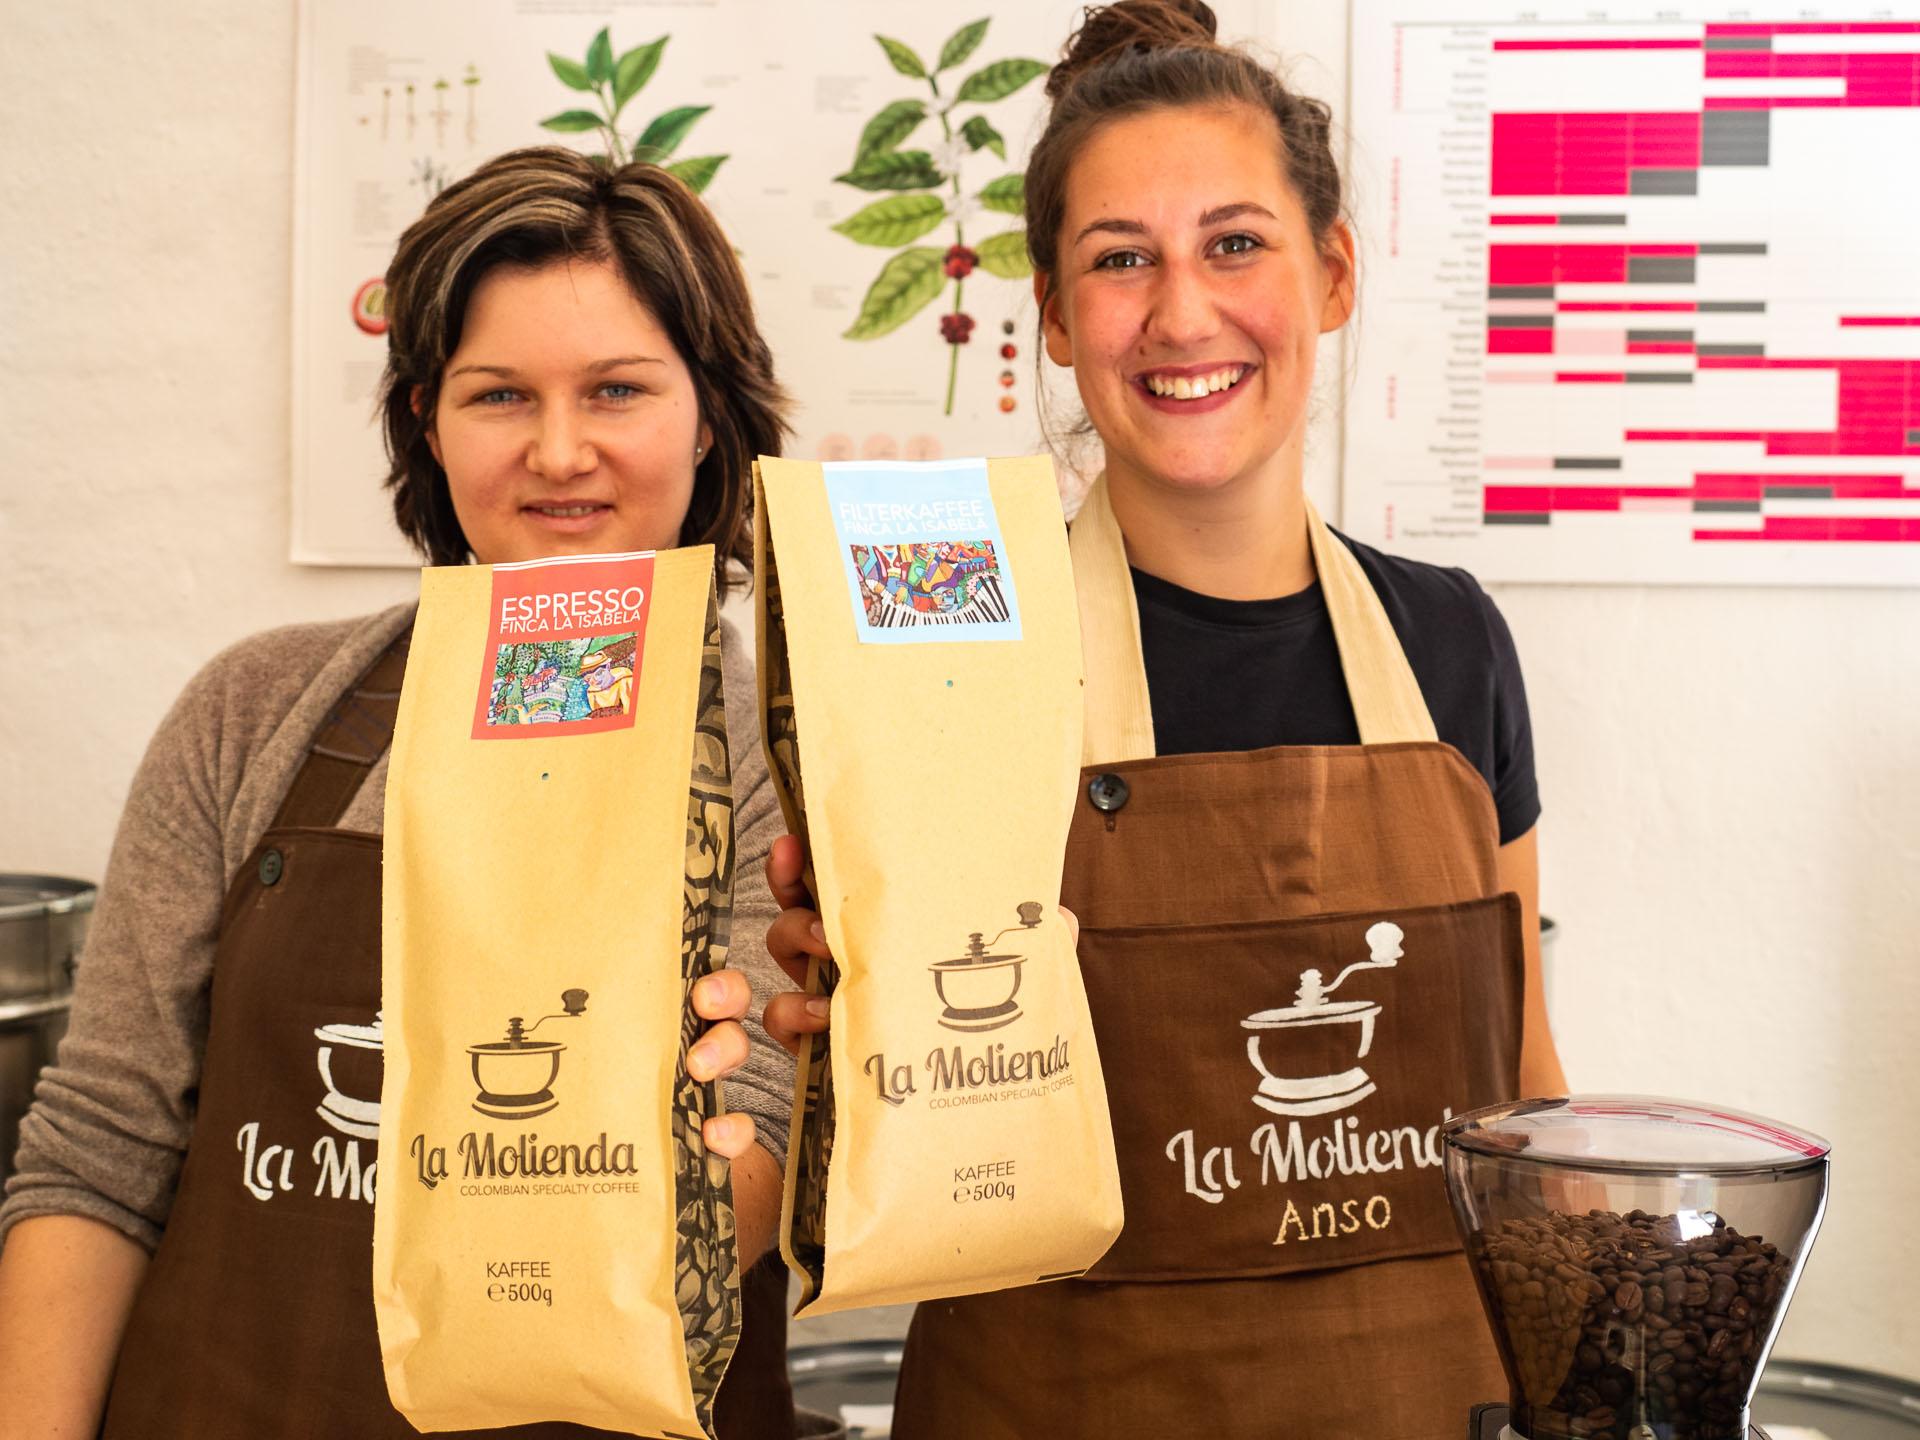 Bei La Molienda Kaffee Oldenburg wird man freundlich empfangen